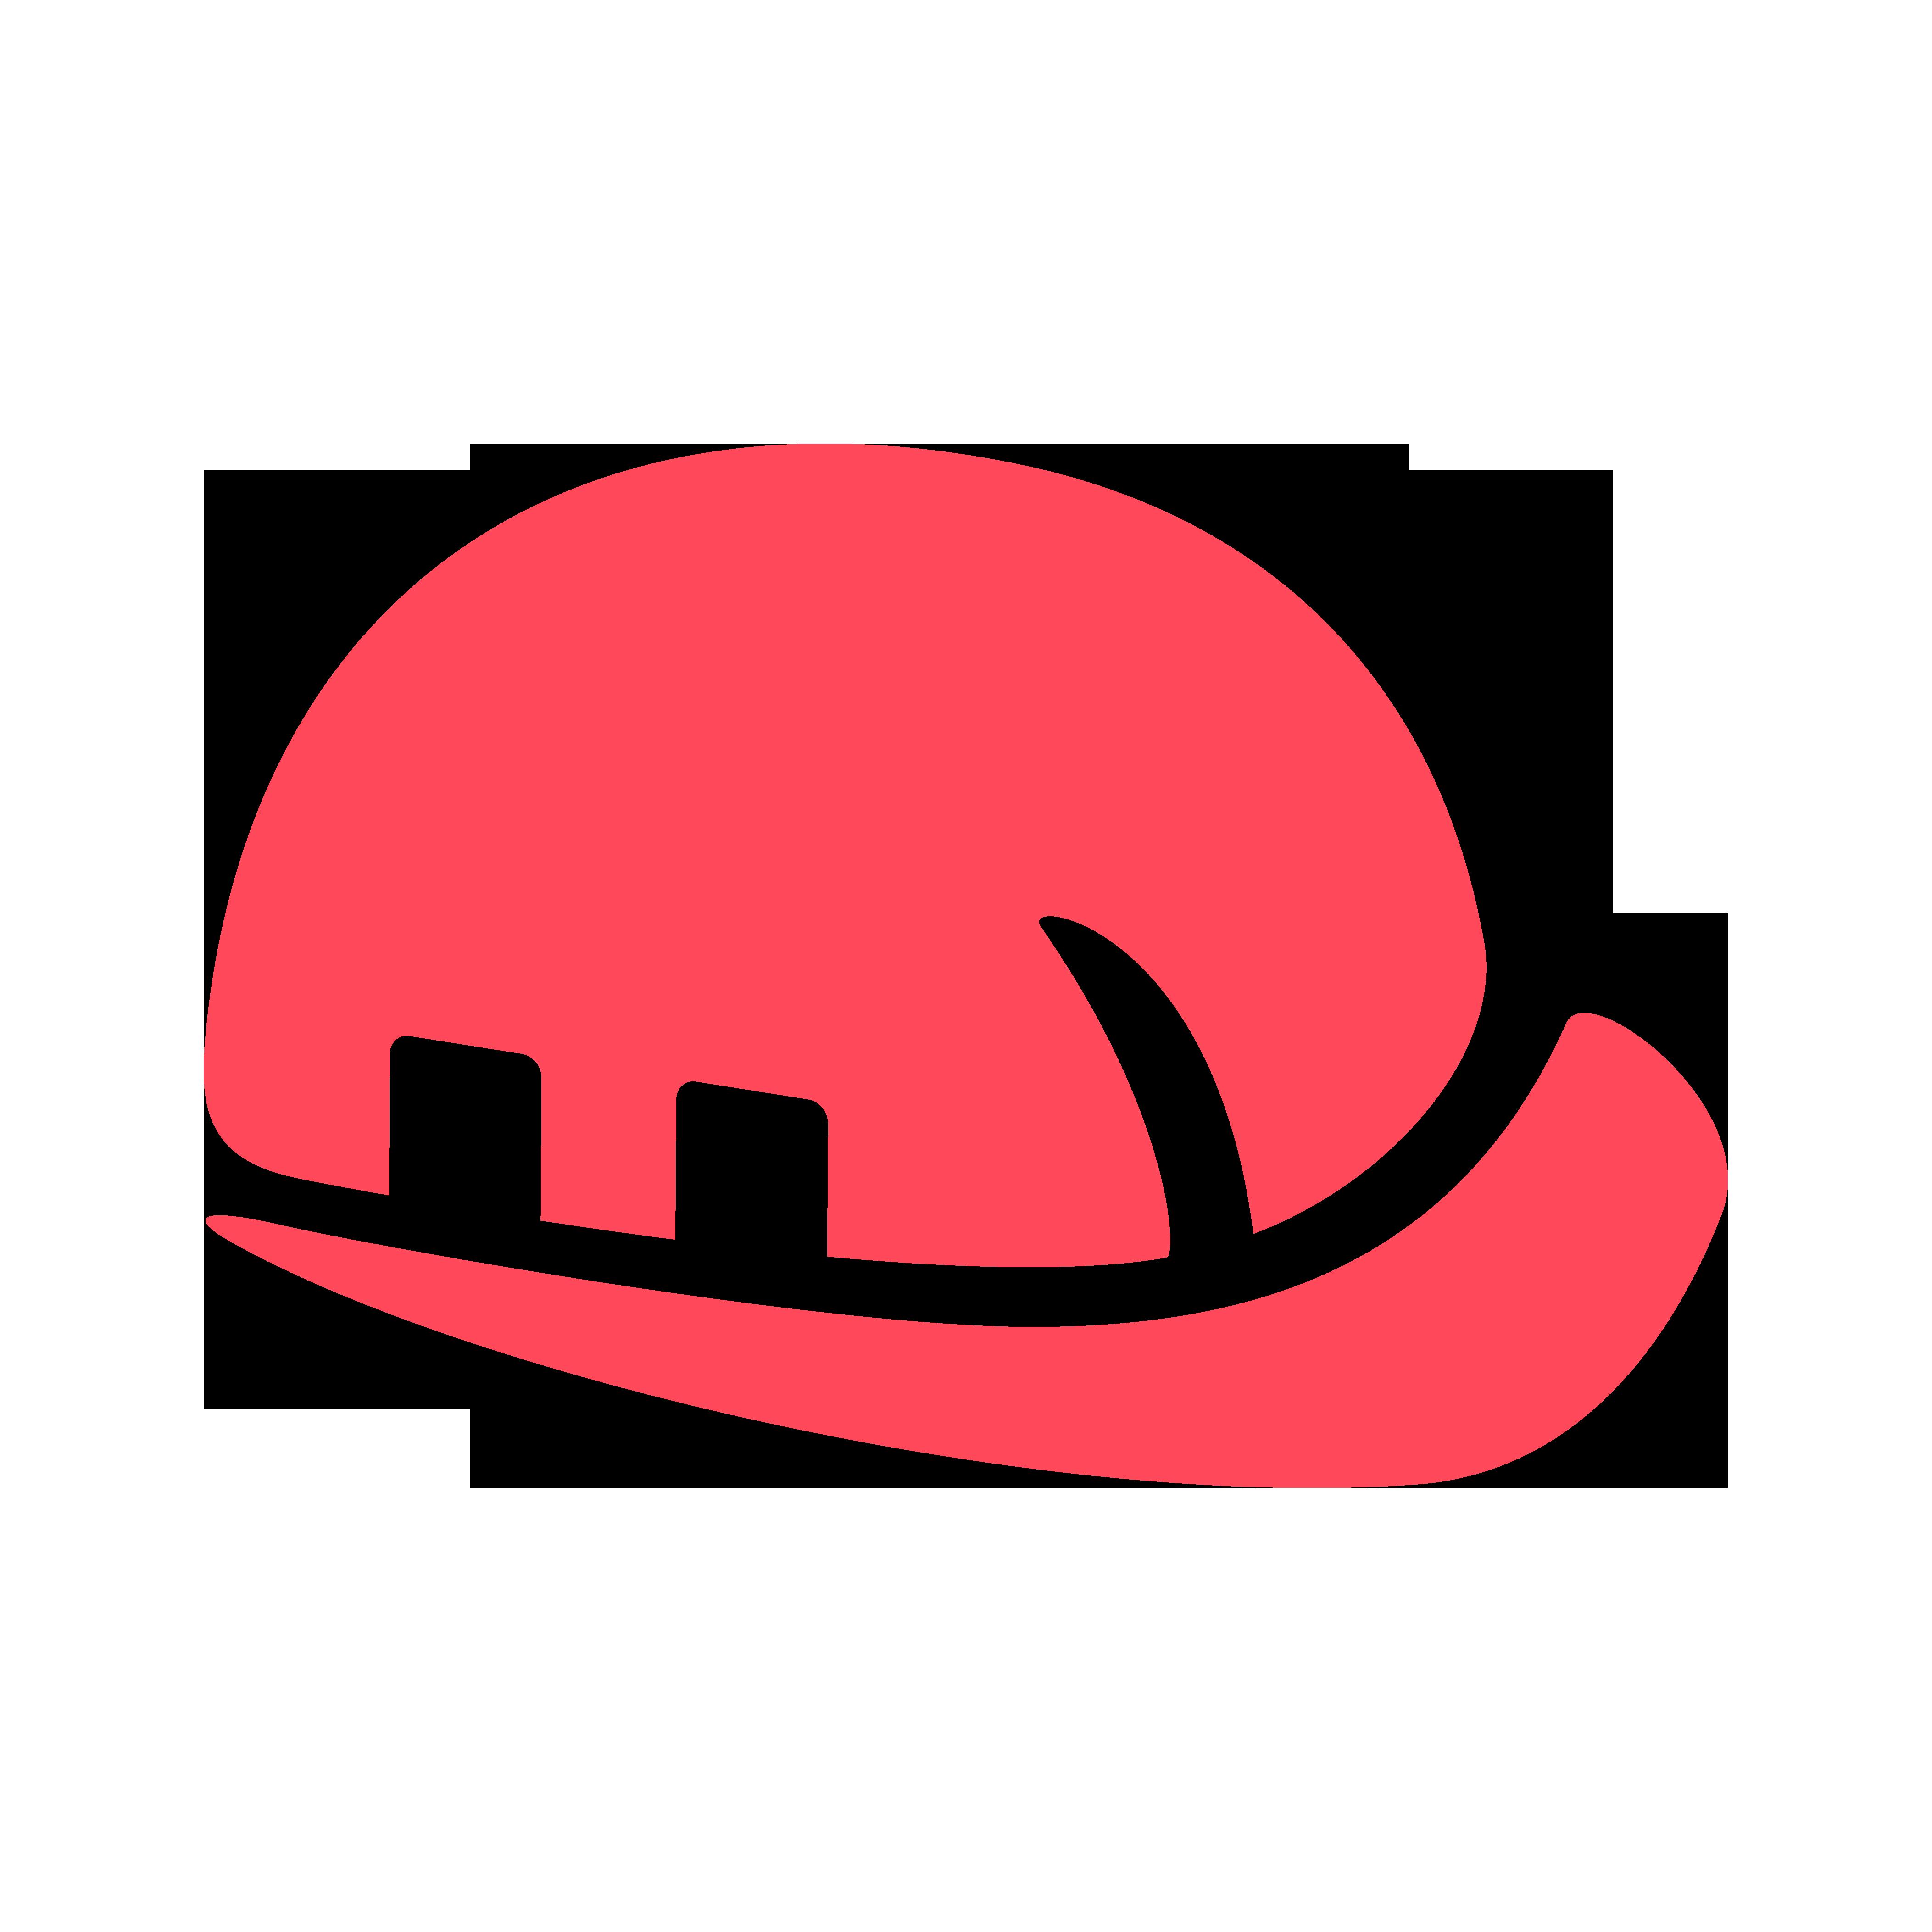 empresas-icon3